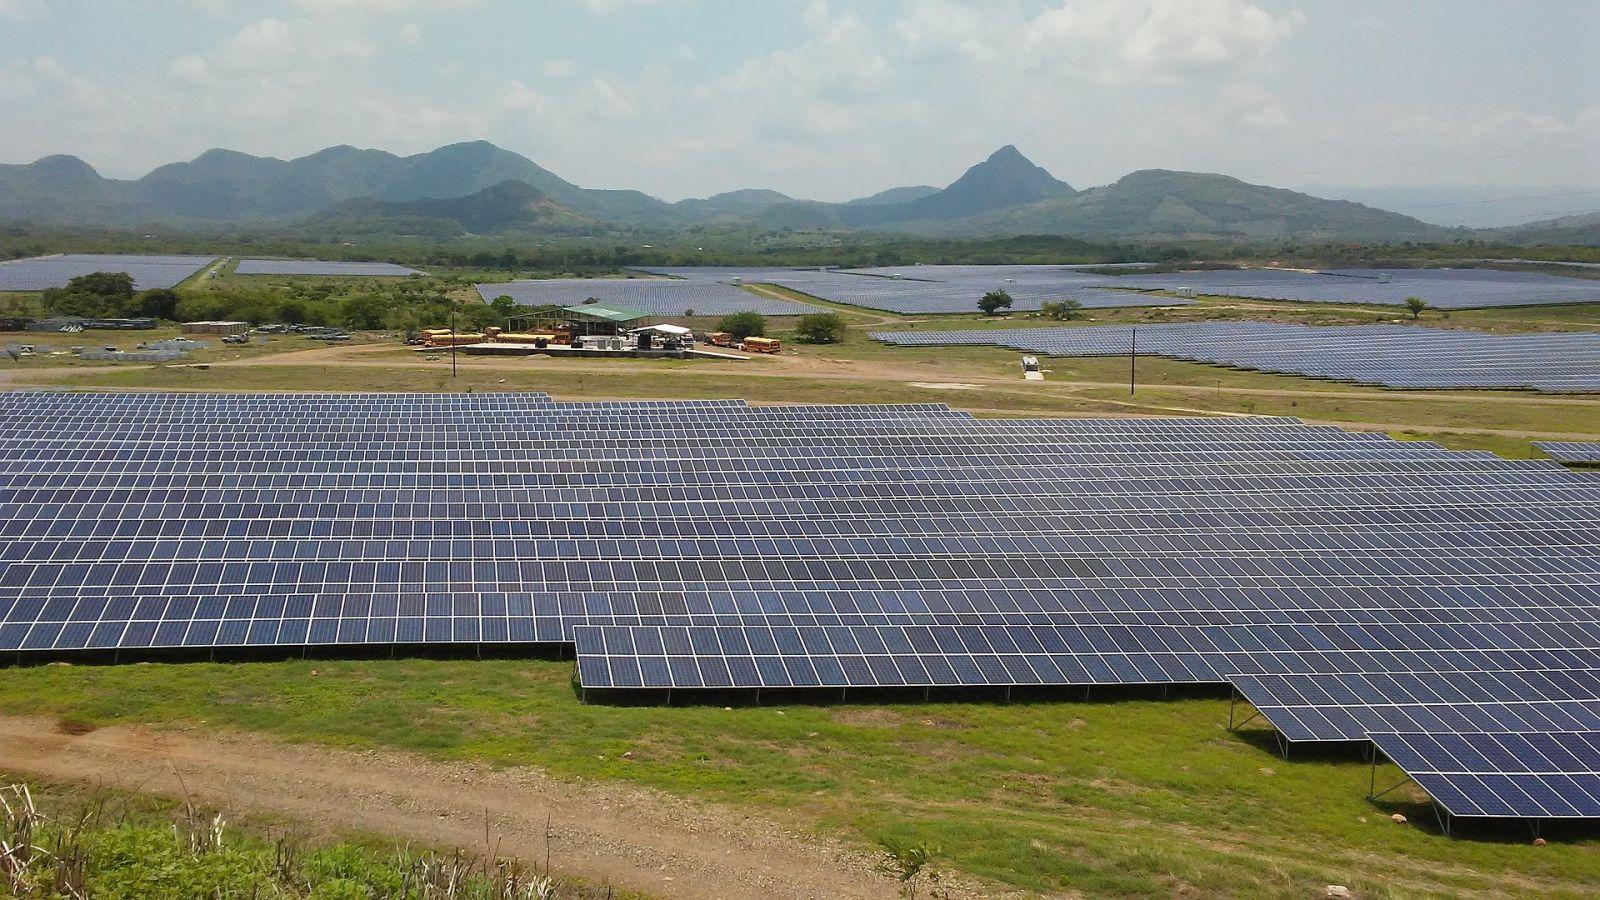 impianto fotovoltaico su terreno